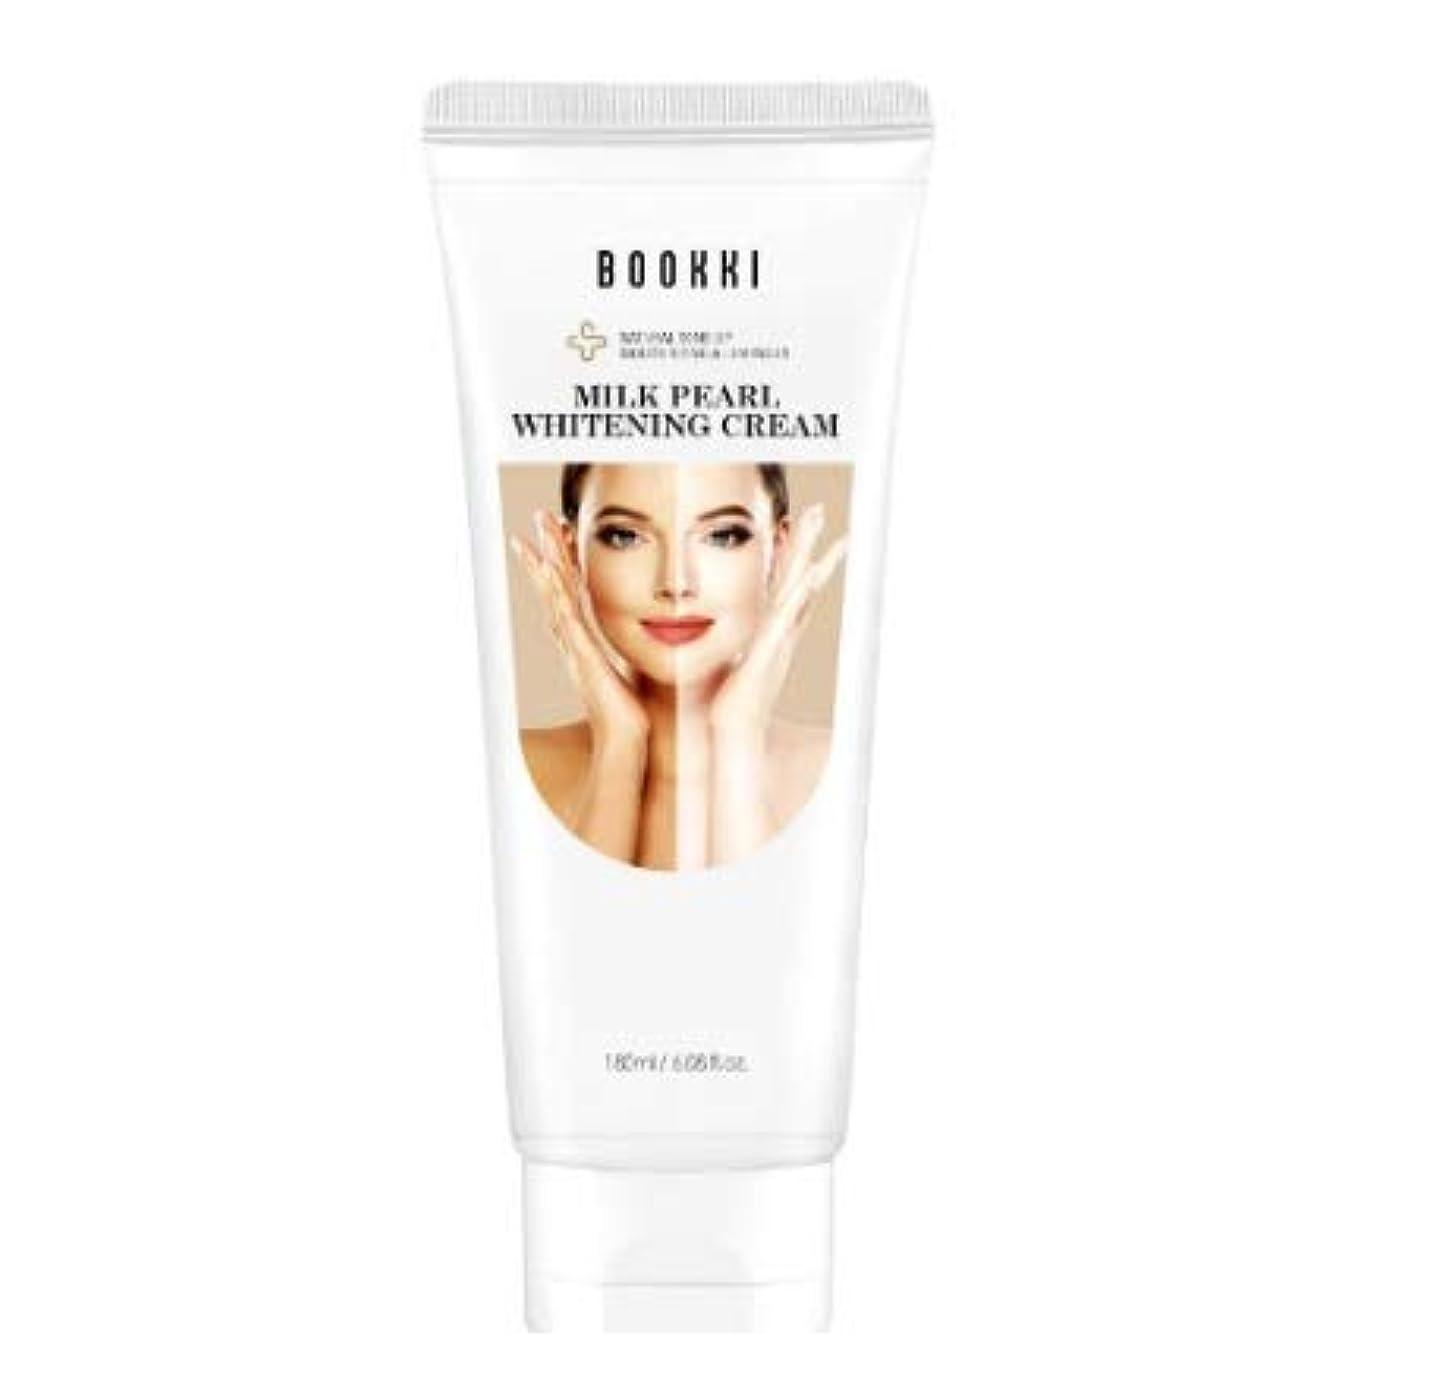 パッチ増加する大統領ミルク·パール·ホワイトニング·クリーム (180ml) 美白 美顔 美容 ホワイトニング